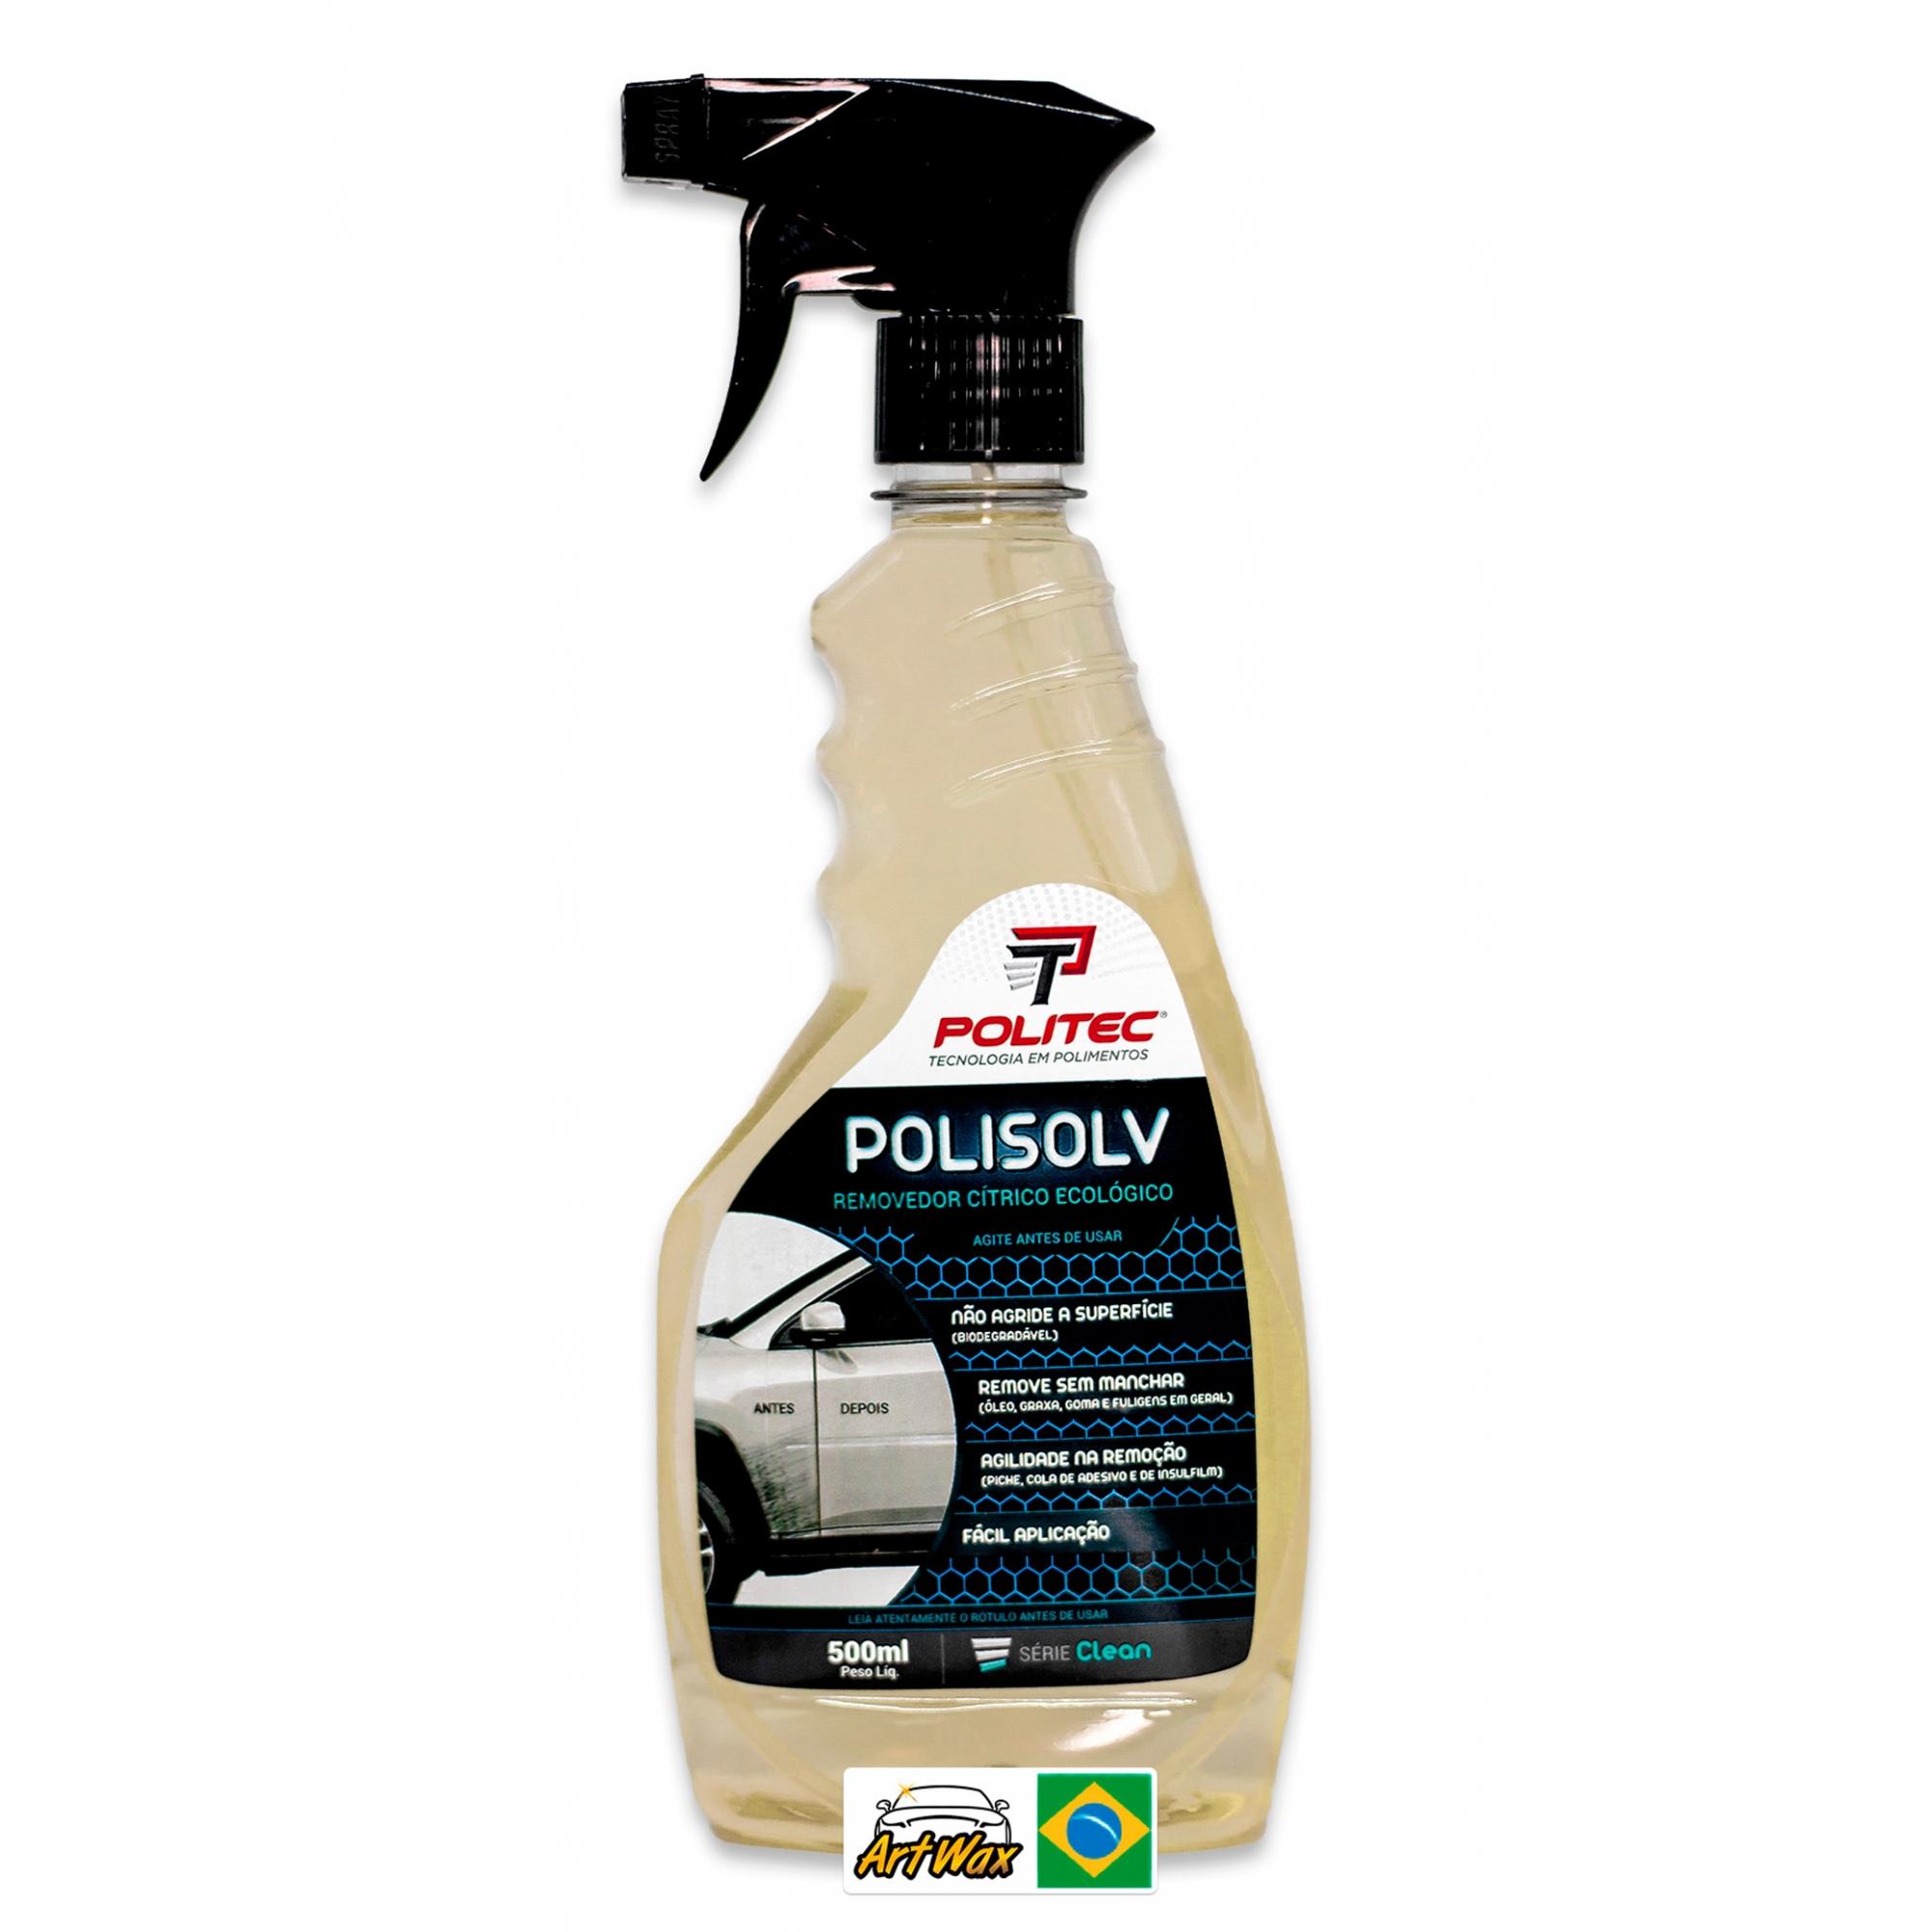 Polisolv 500ml - Removedor de Cola e Piche Politec